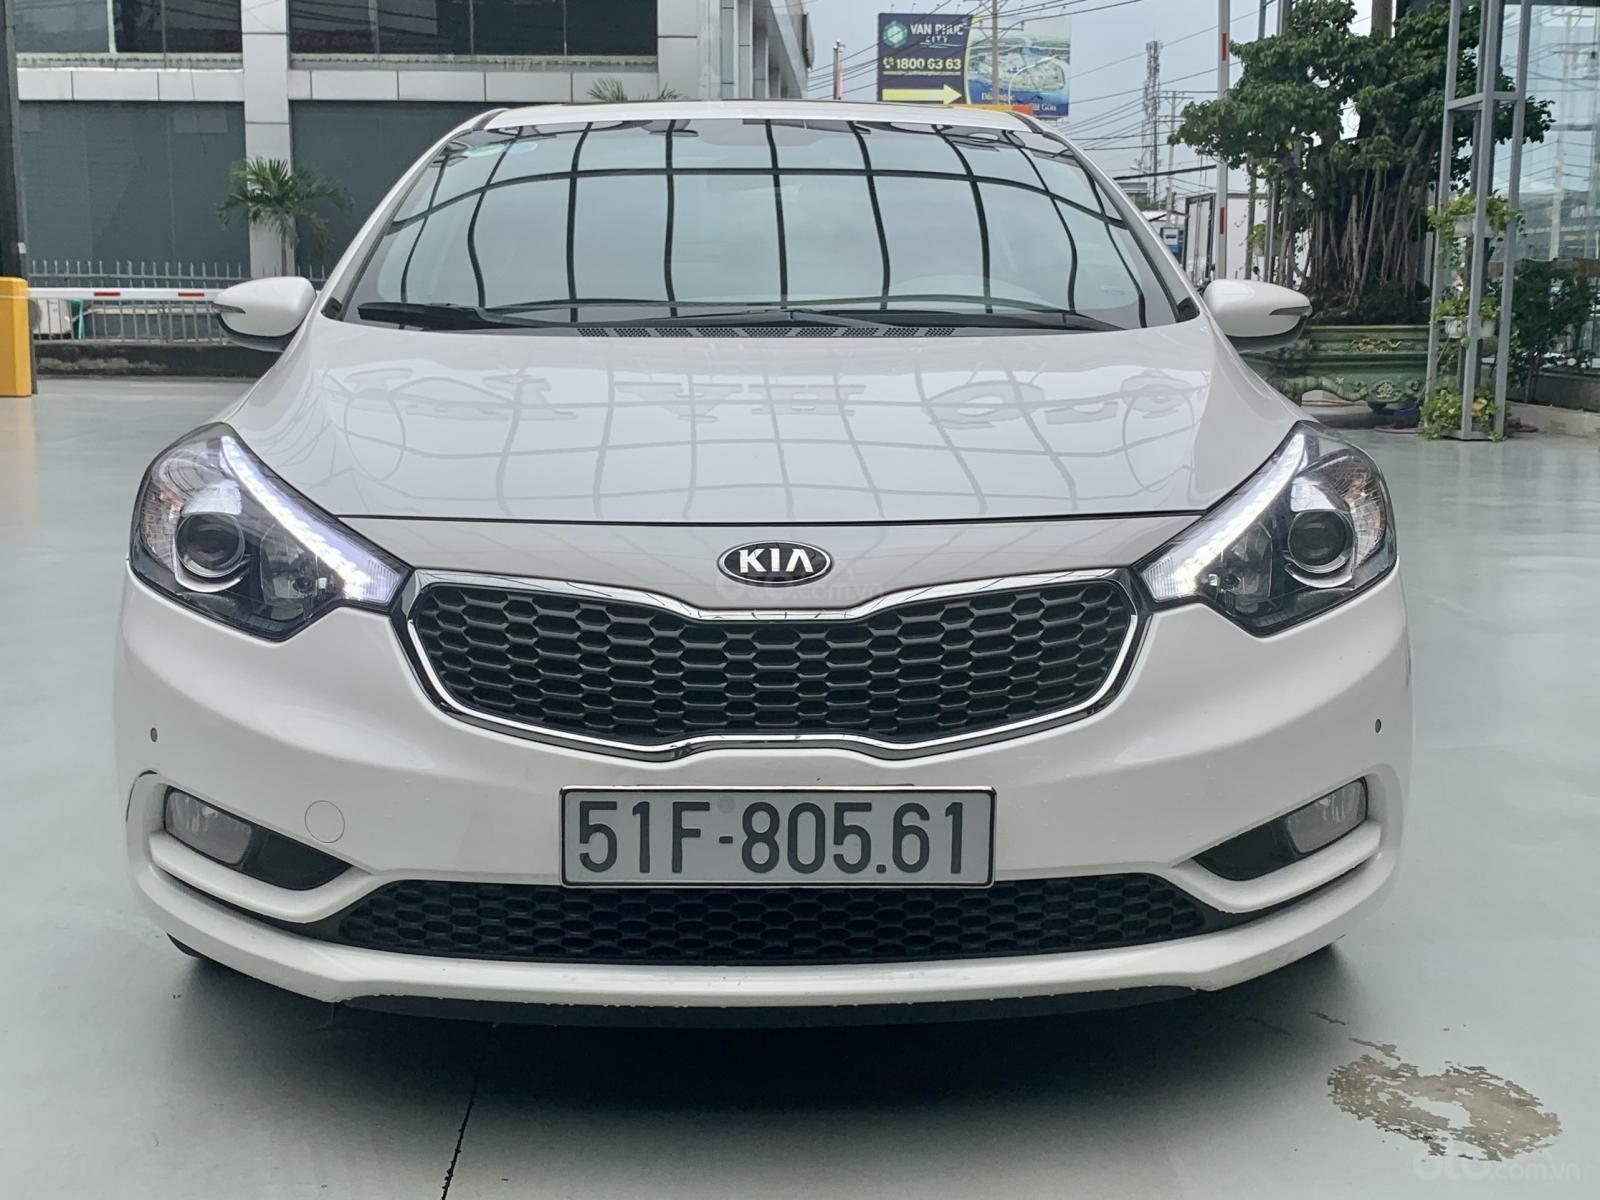 Chính chủ bán Kia K3 1.6AT sx 2016 tự động biển sài Gòn, không dịch vụ xe cực đẹp bao test tại hãng (1)